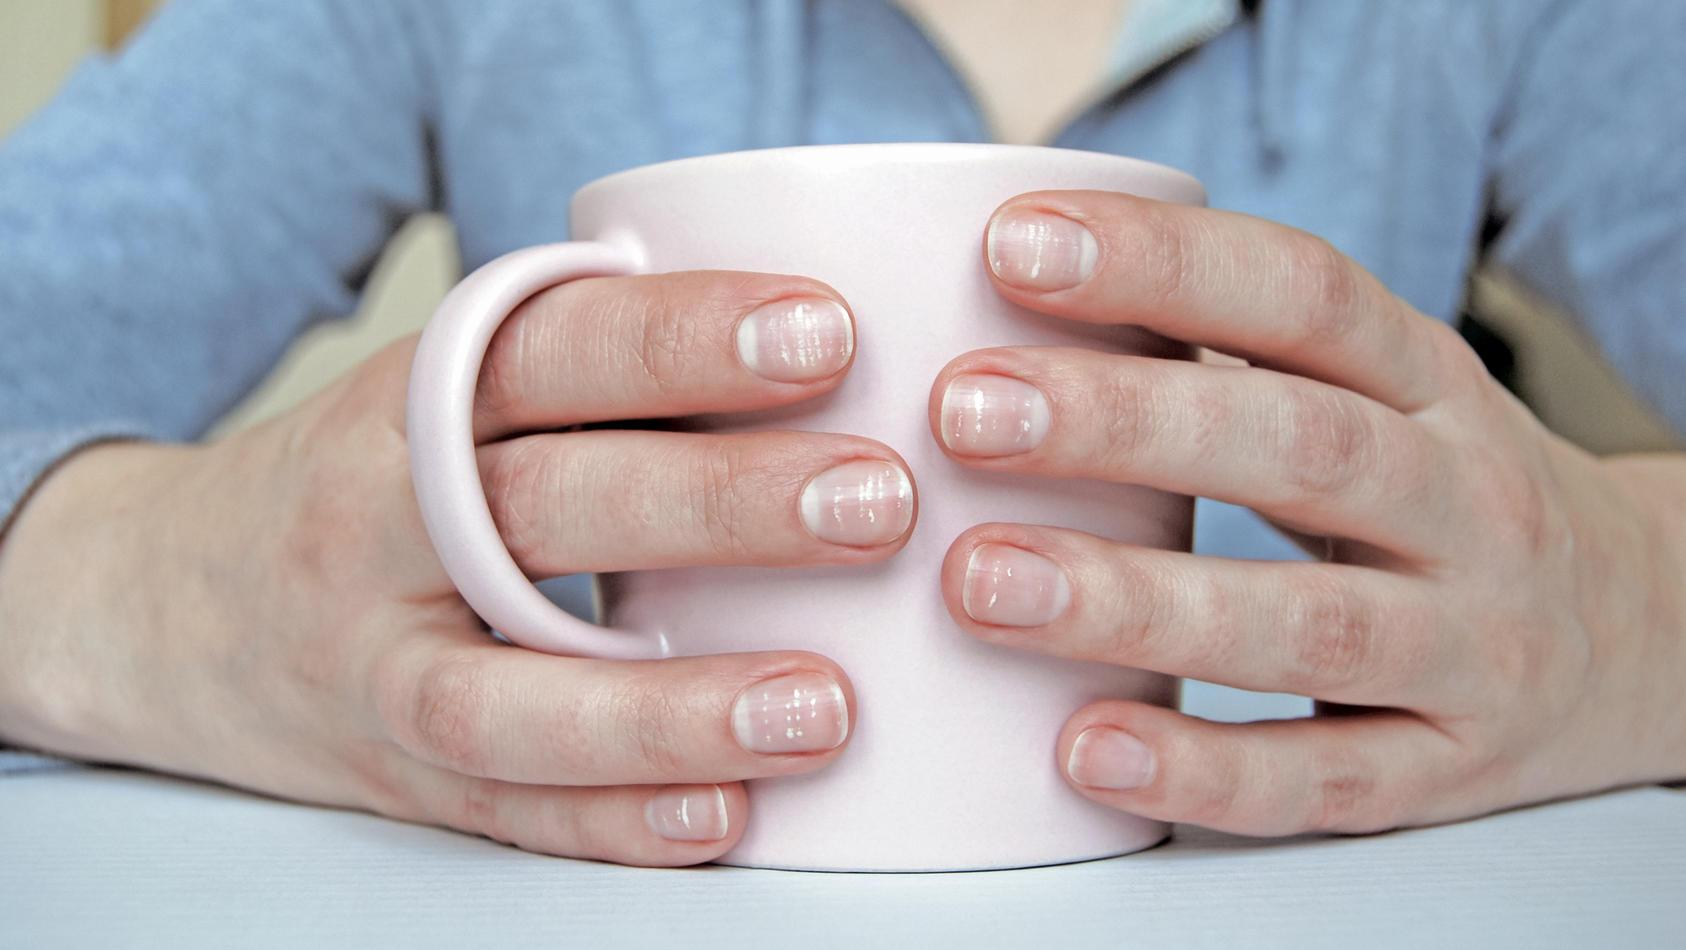 Verraten unsere Fingernägel mehr als wir denken?